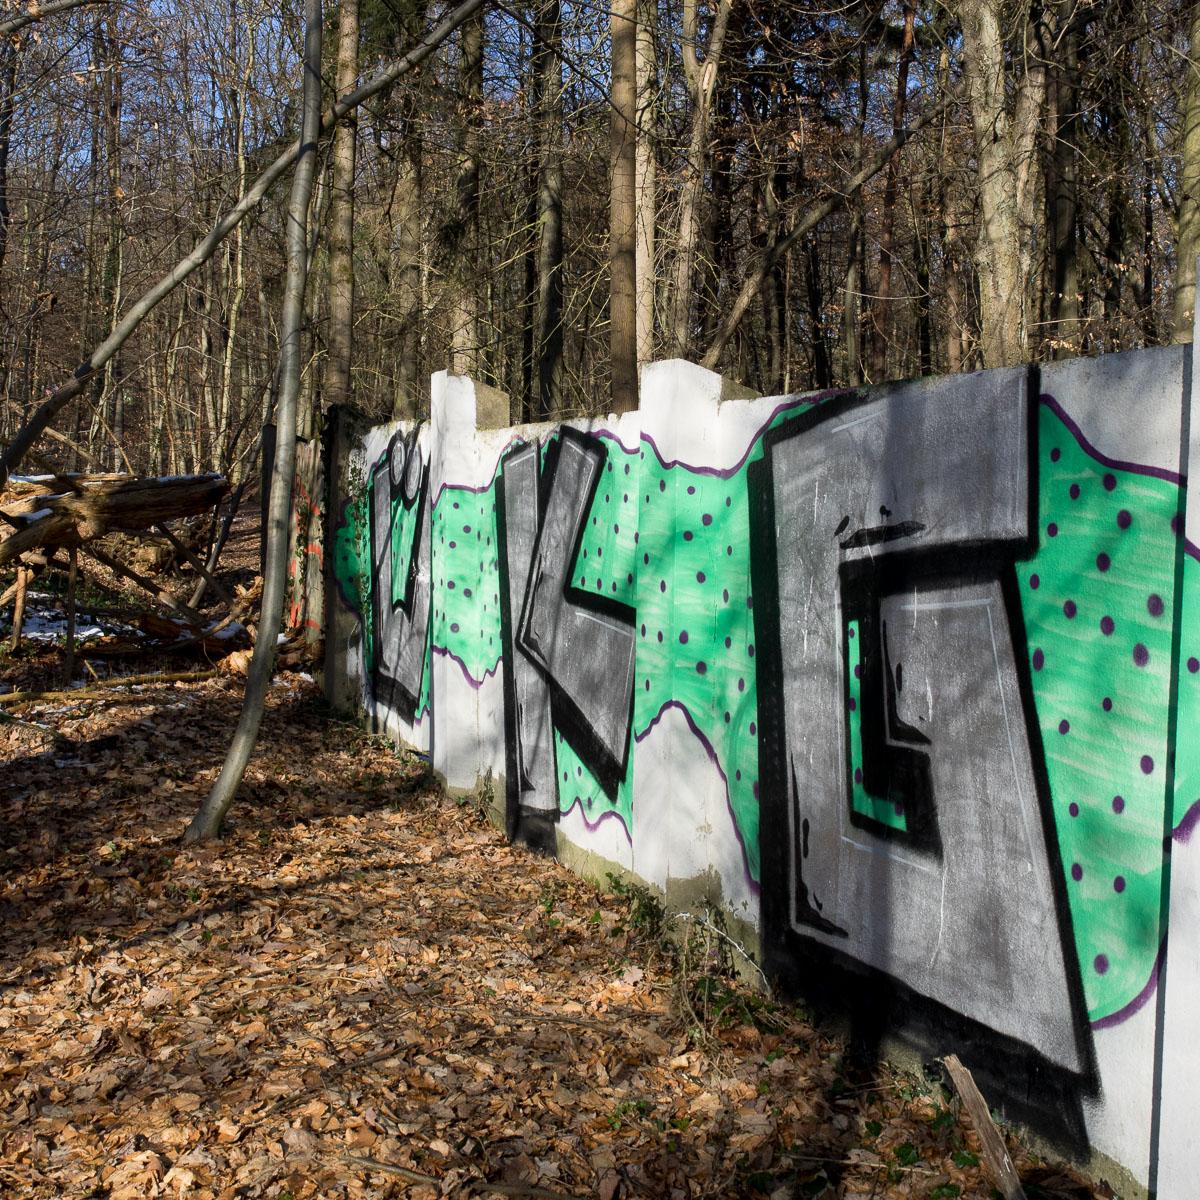 Wiesbaden/Fasanerie - Wenn Street Art in den Wald geht... (Update)